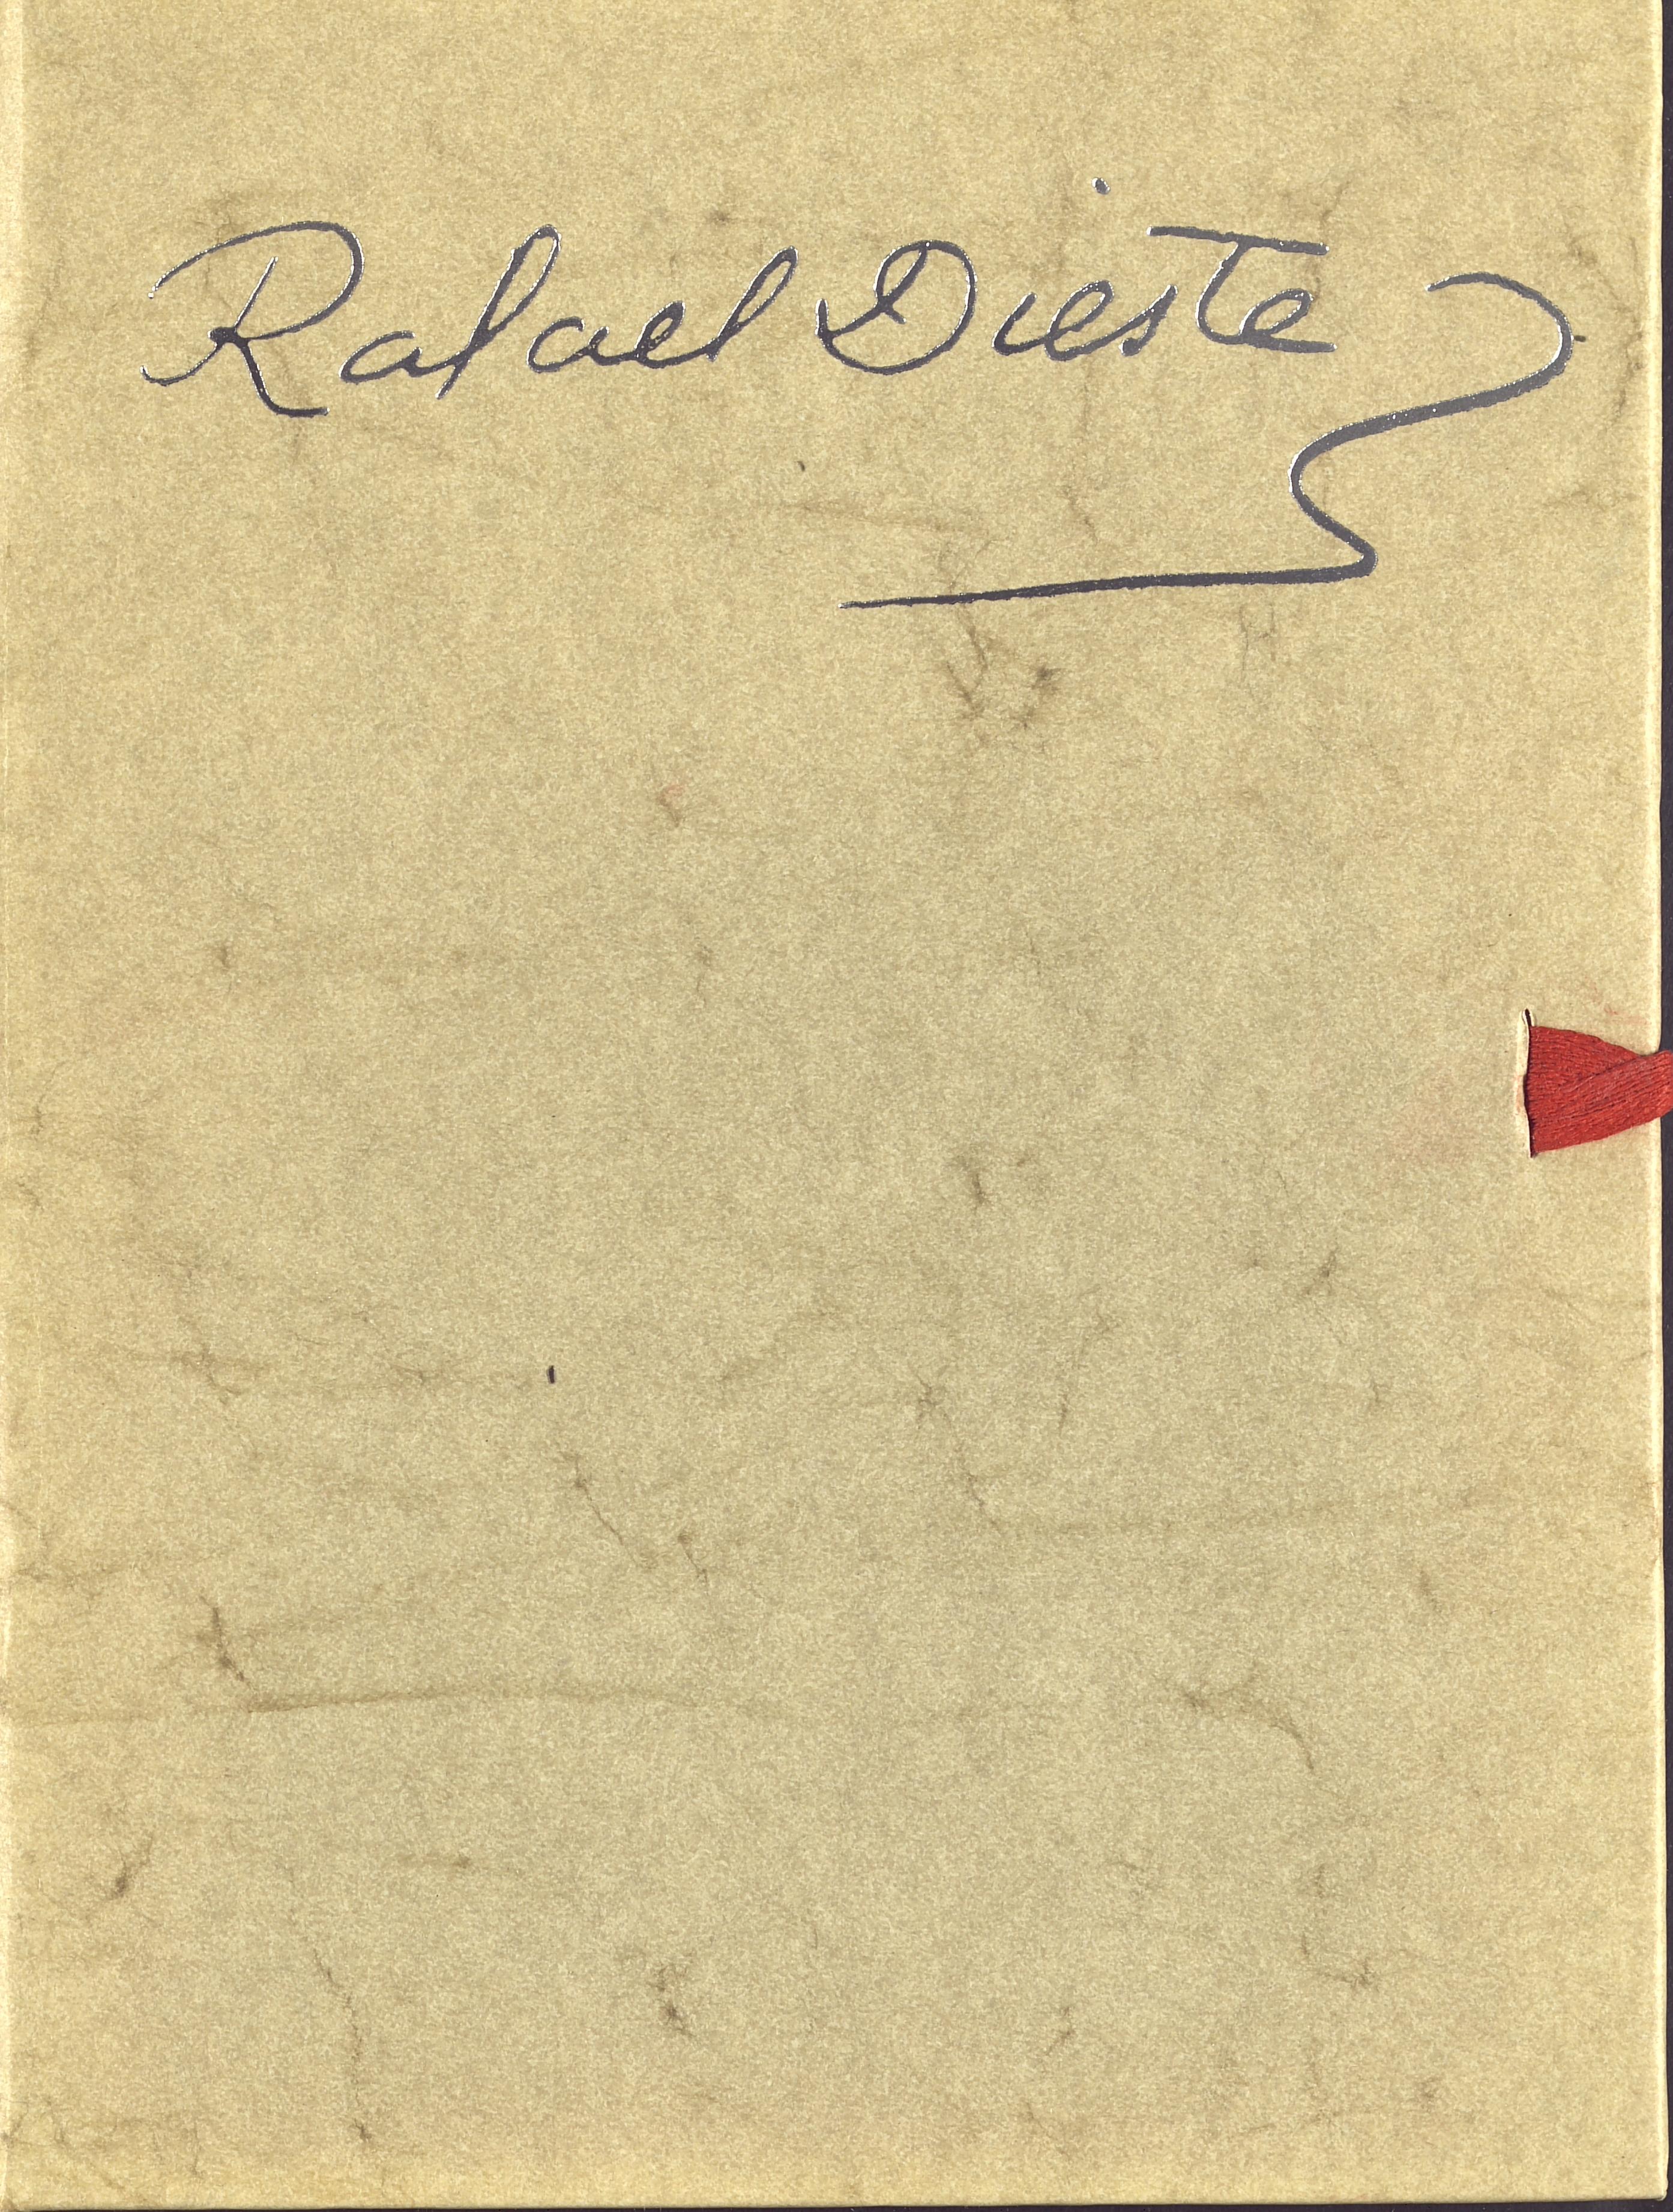 Portada de  Charamuscas, 1923